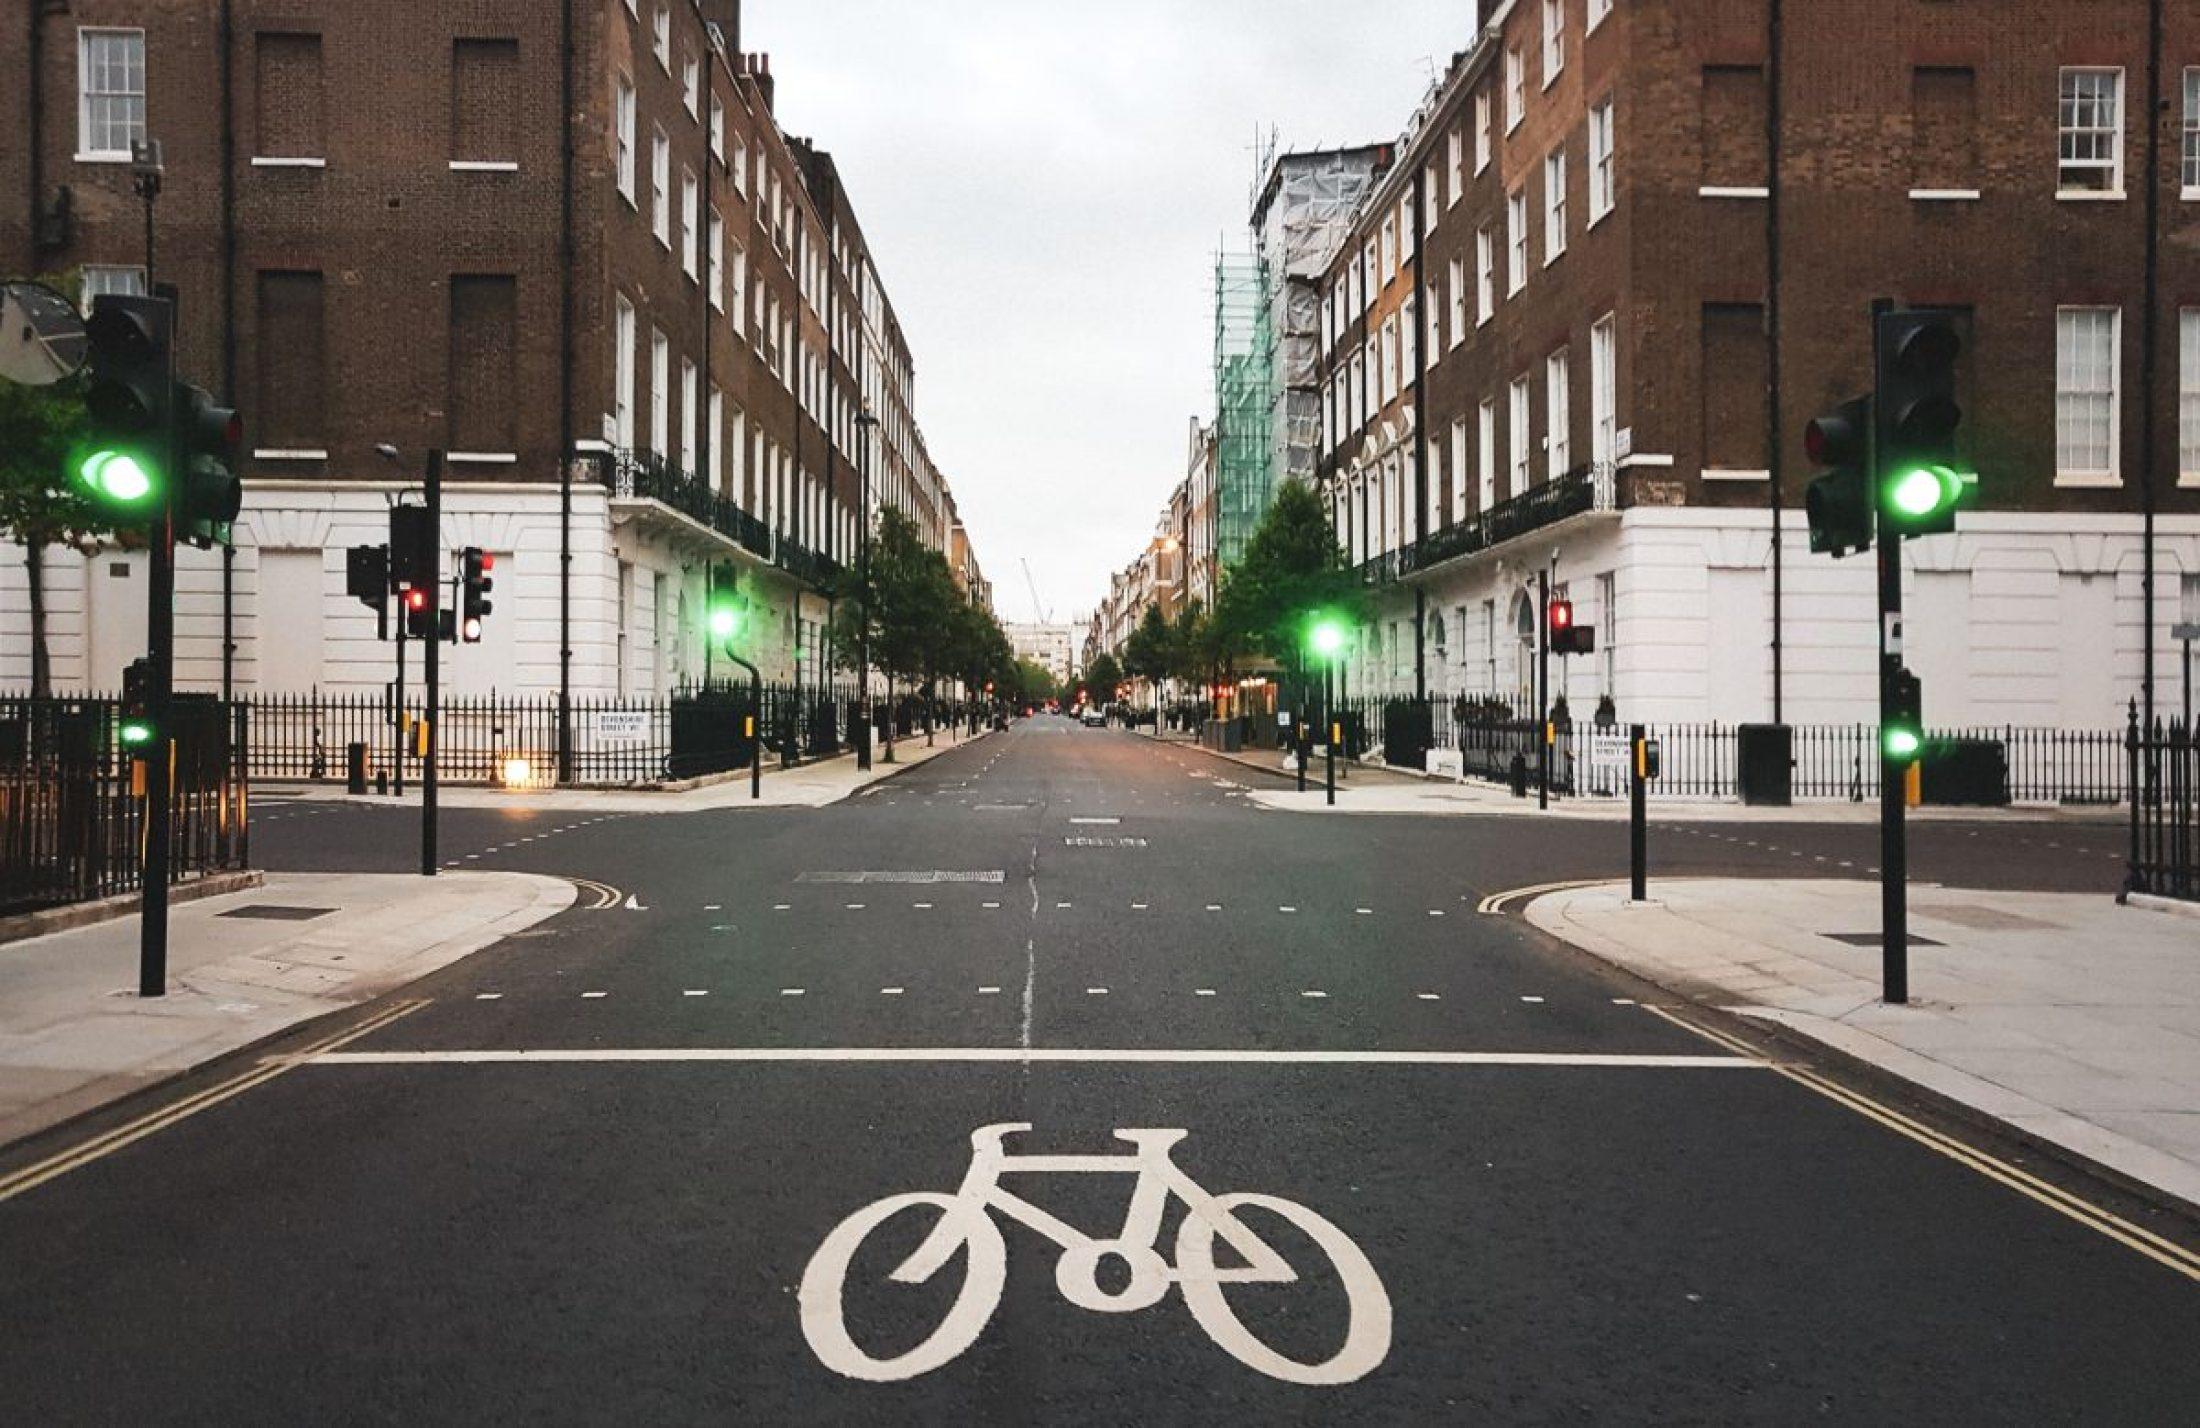 Radfahren statt Autofahren hilft bei der Bekämpfung von Fettleibigkeit, Luftverschmutzung und Klimawandel